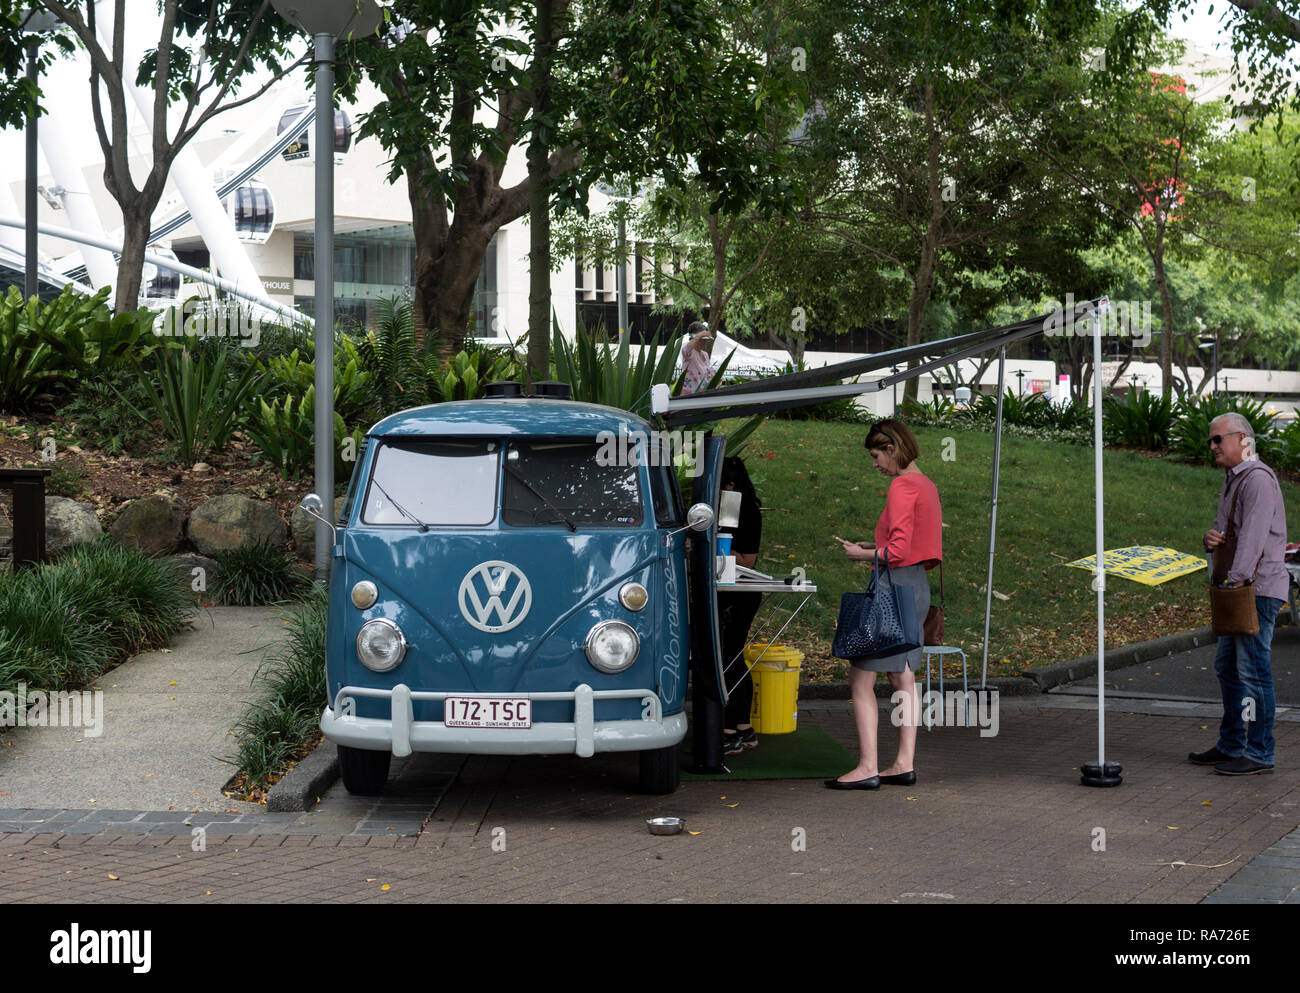 VW campervan cafe, South Bank, Brisbane, Queensland, Australia - Stock Image